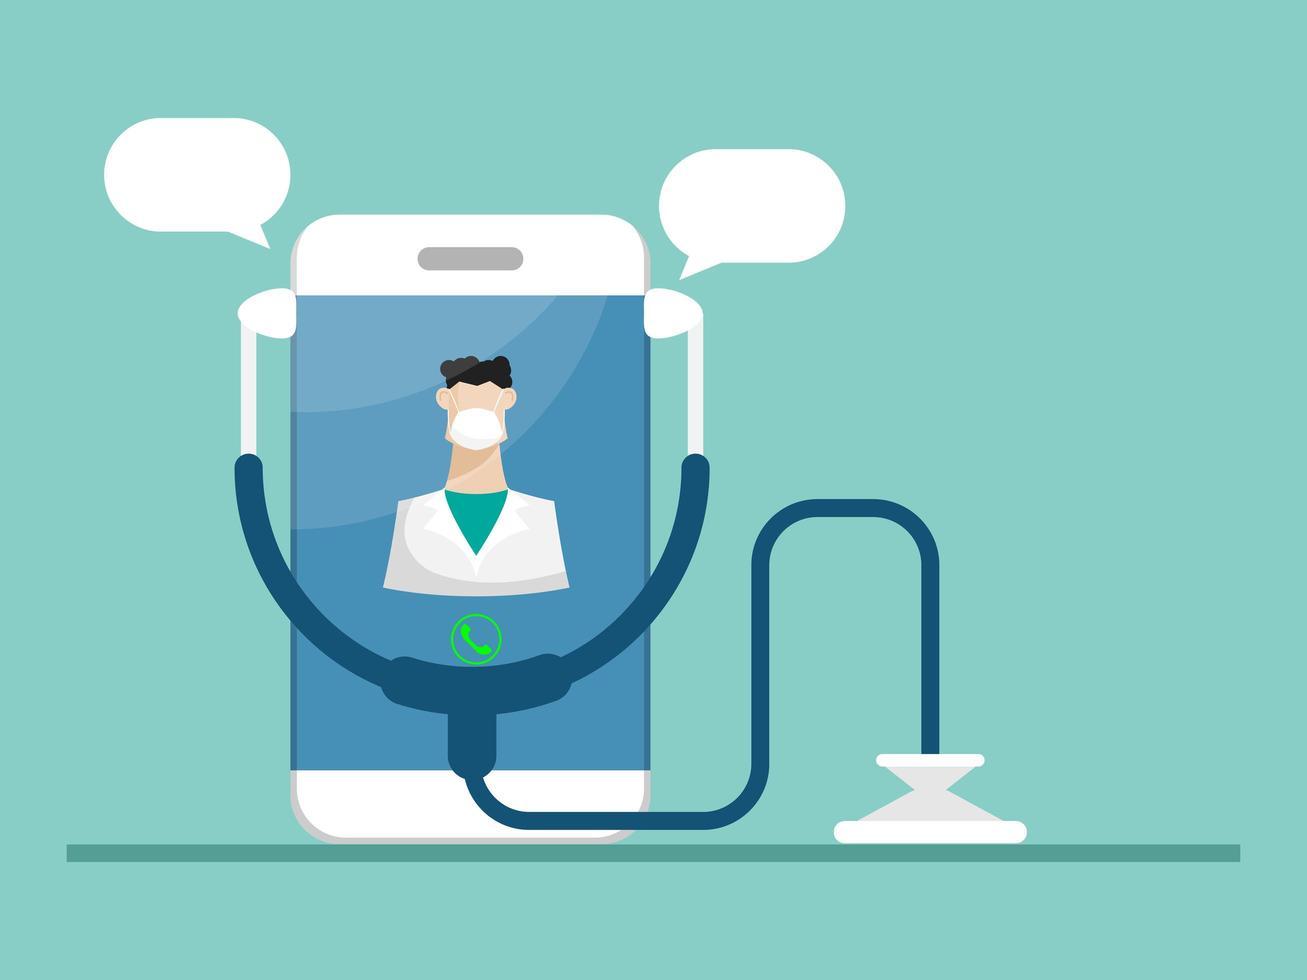 doktersconsultatie met mobiele, online gezondheidszorg en medische diensten vector